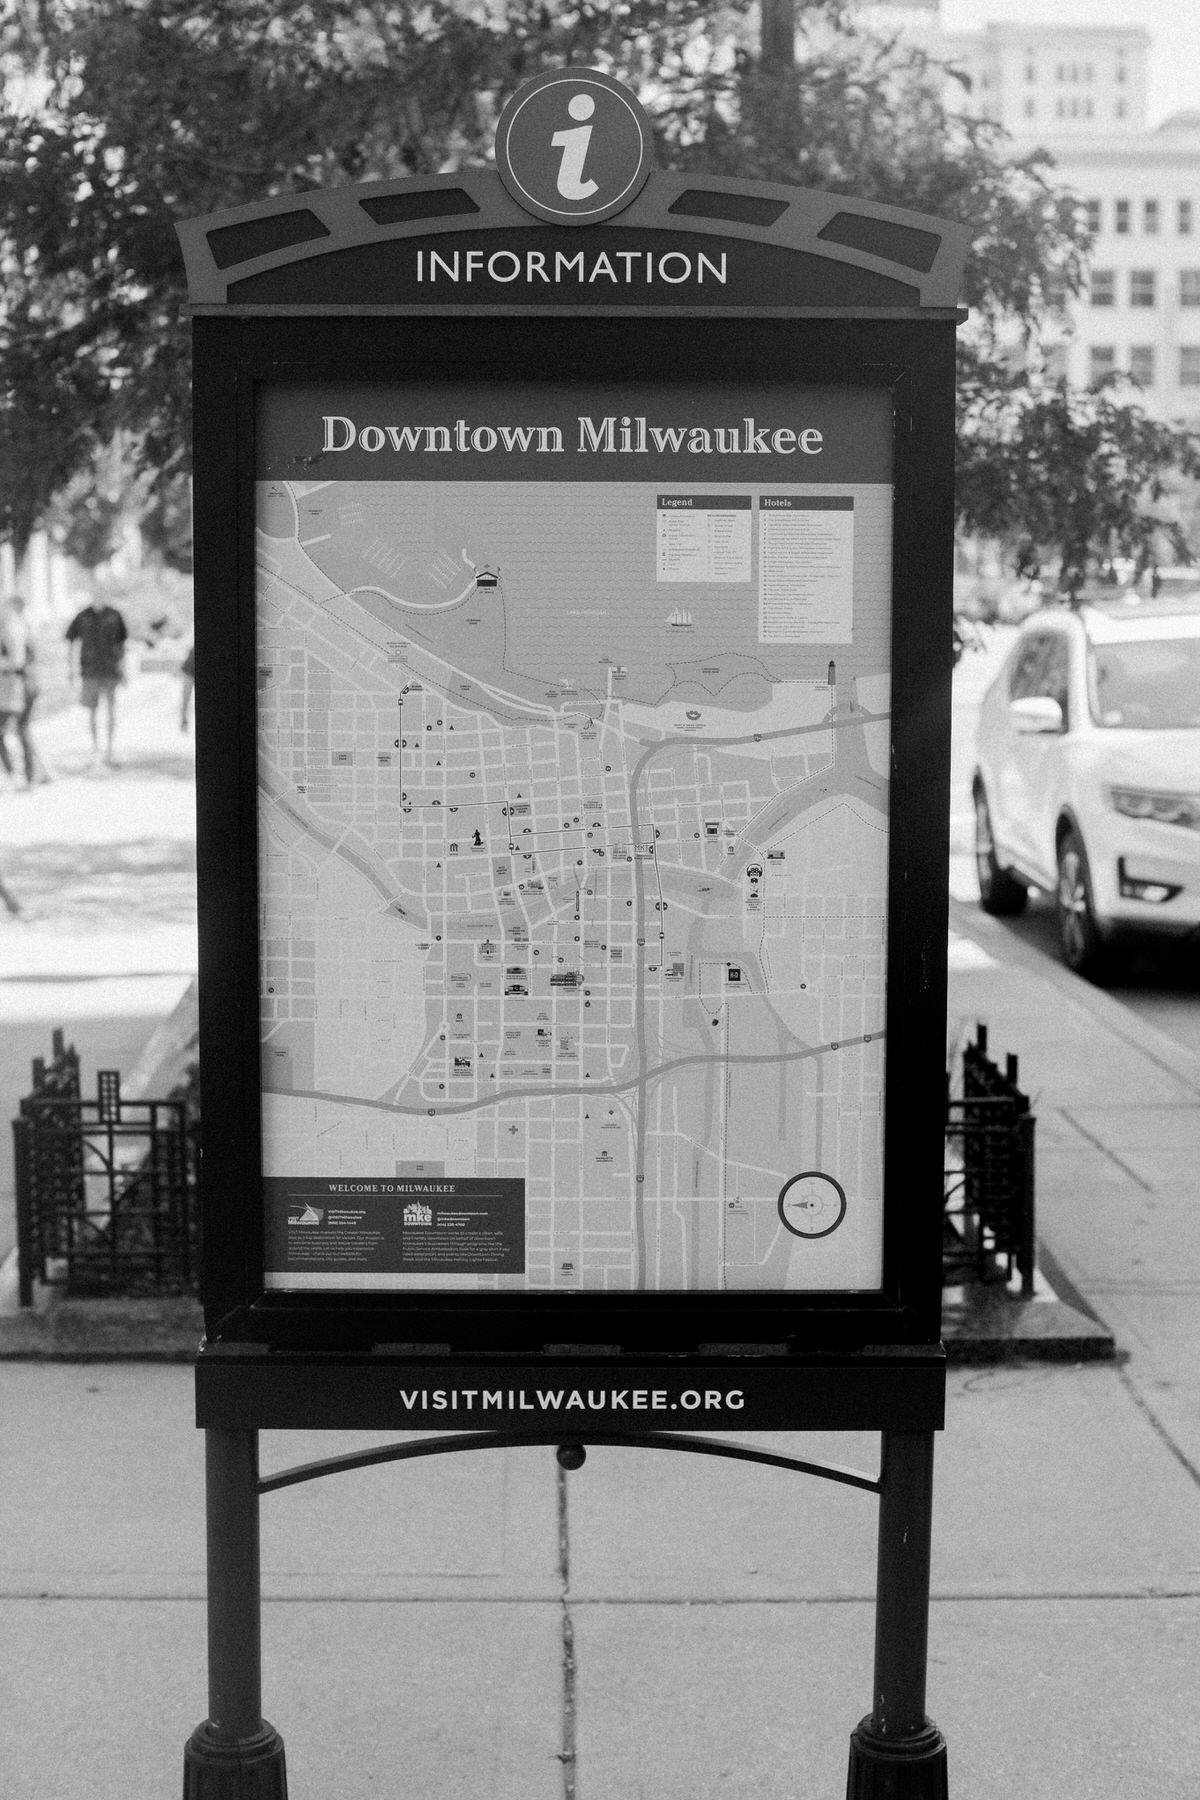 Van-Gogh-Exhibit-Wisconsin-Center-Milwaukee-by-Studio-L-Artist-Photographer-Laura-Schneider-_9726